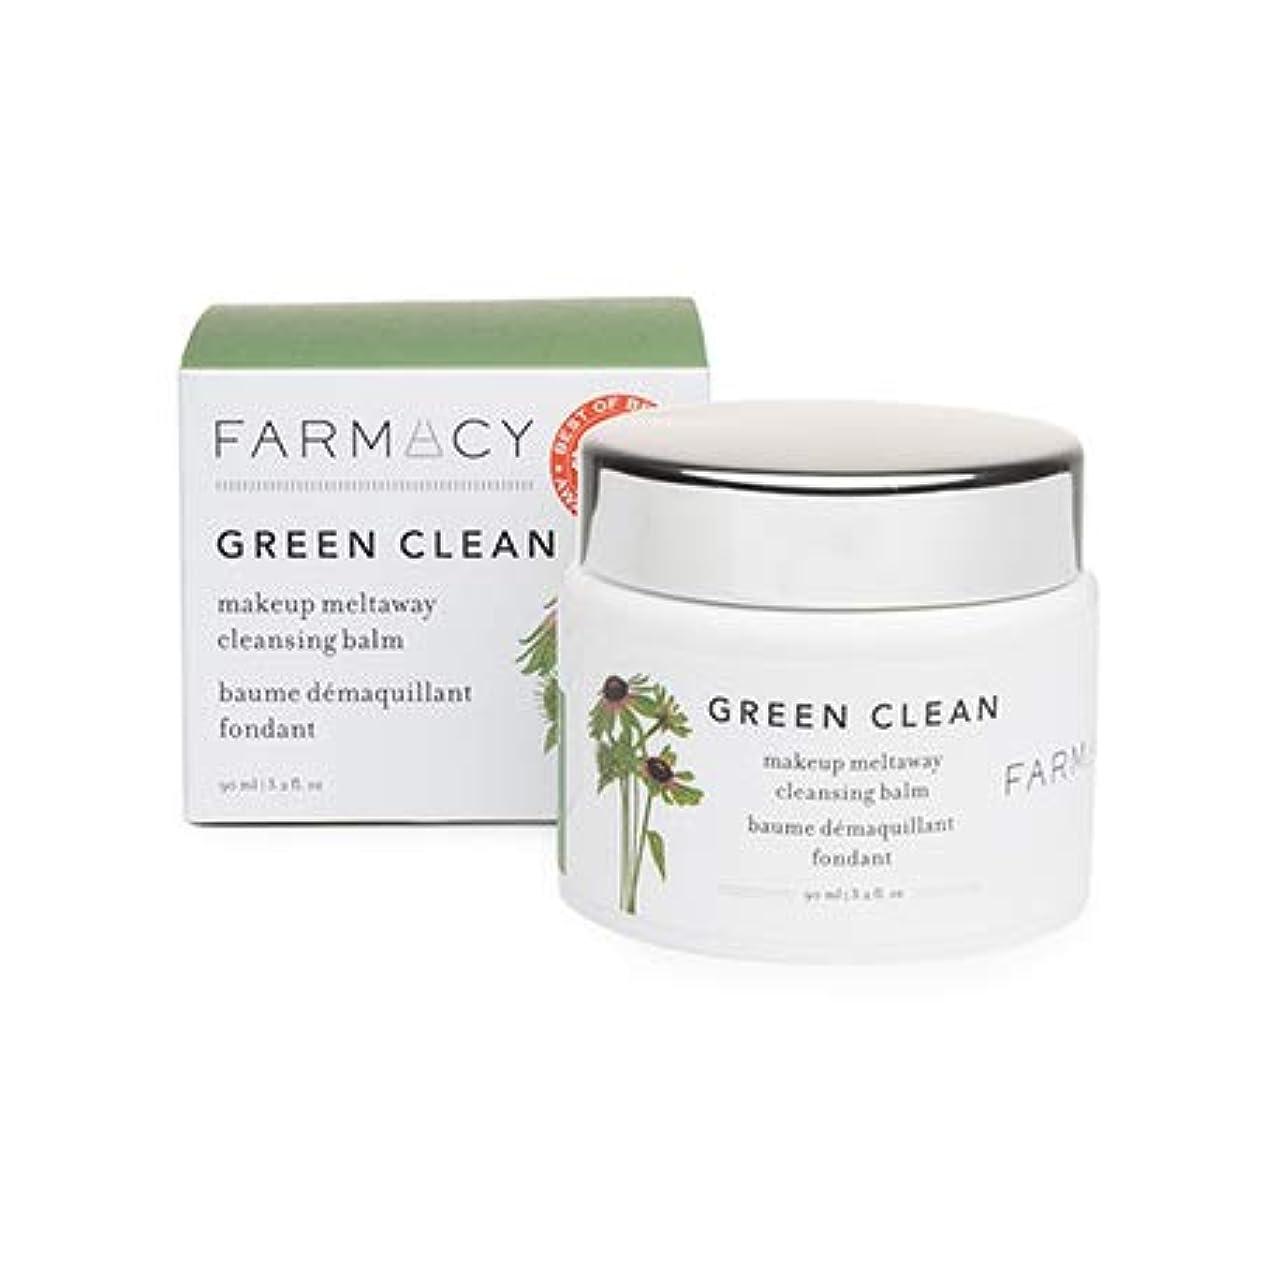 商品インタネットを見る塩FARMACY Green Clean Cleansing Balm(90ml) ファーマシー クレンジングバーム